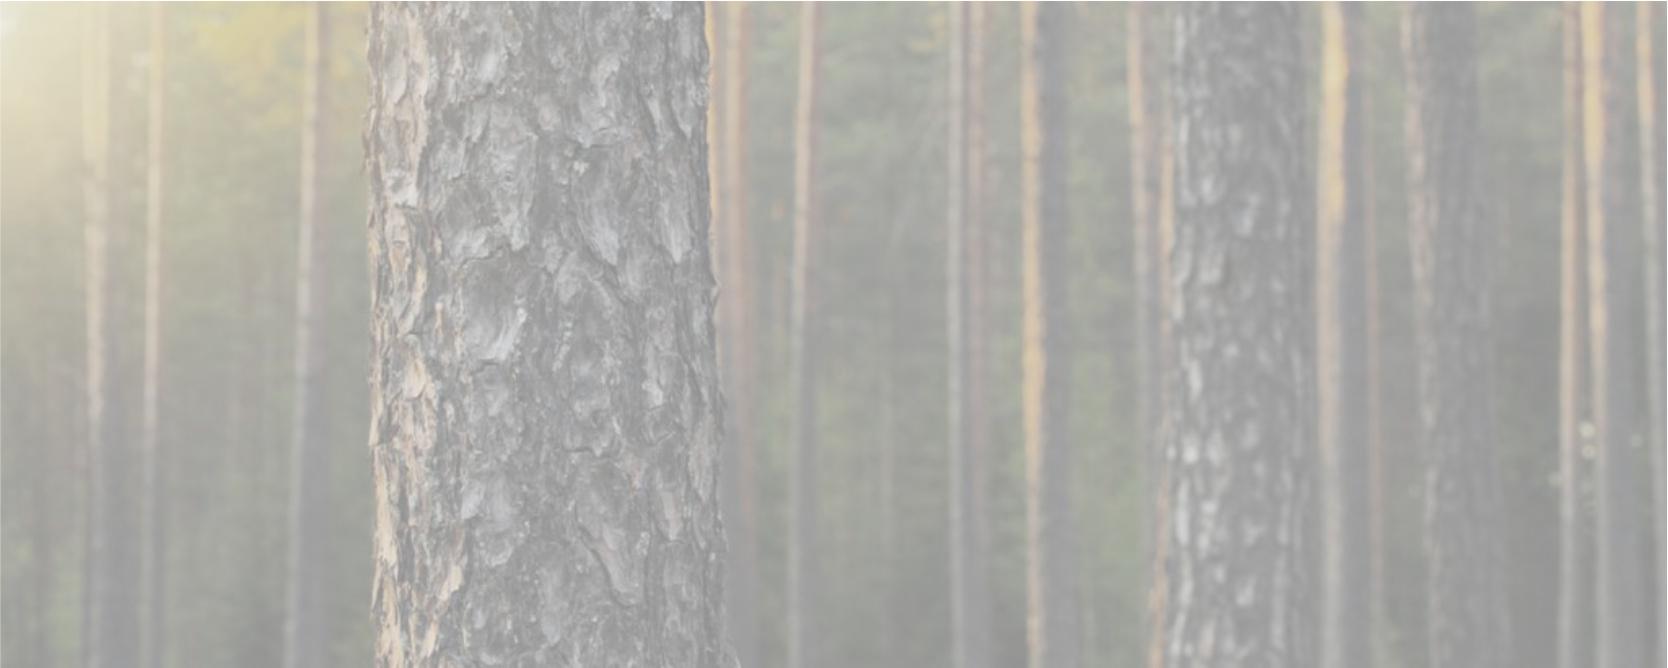 Дома HONKA строятся из 100% финской сосны.